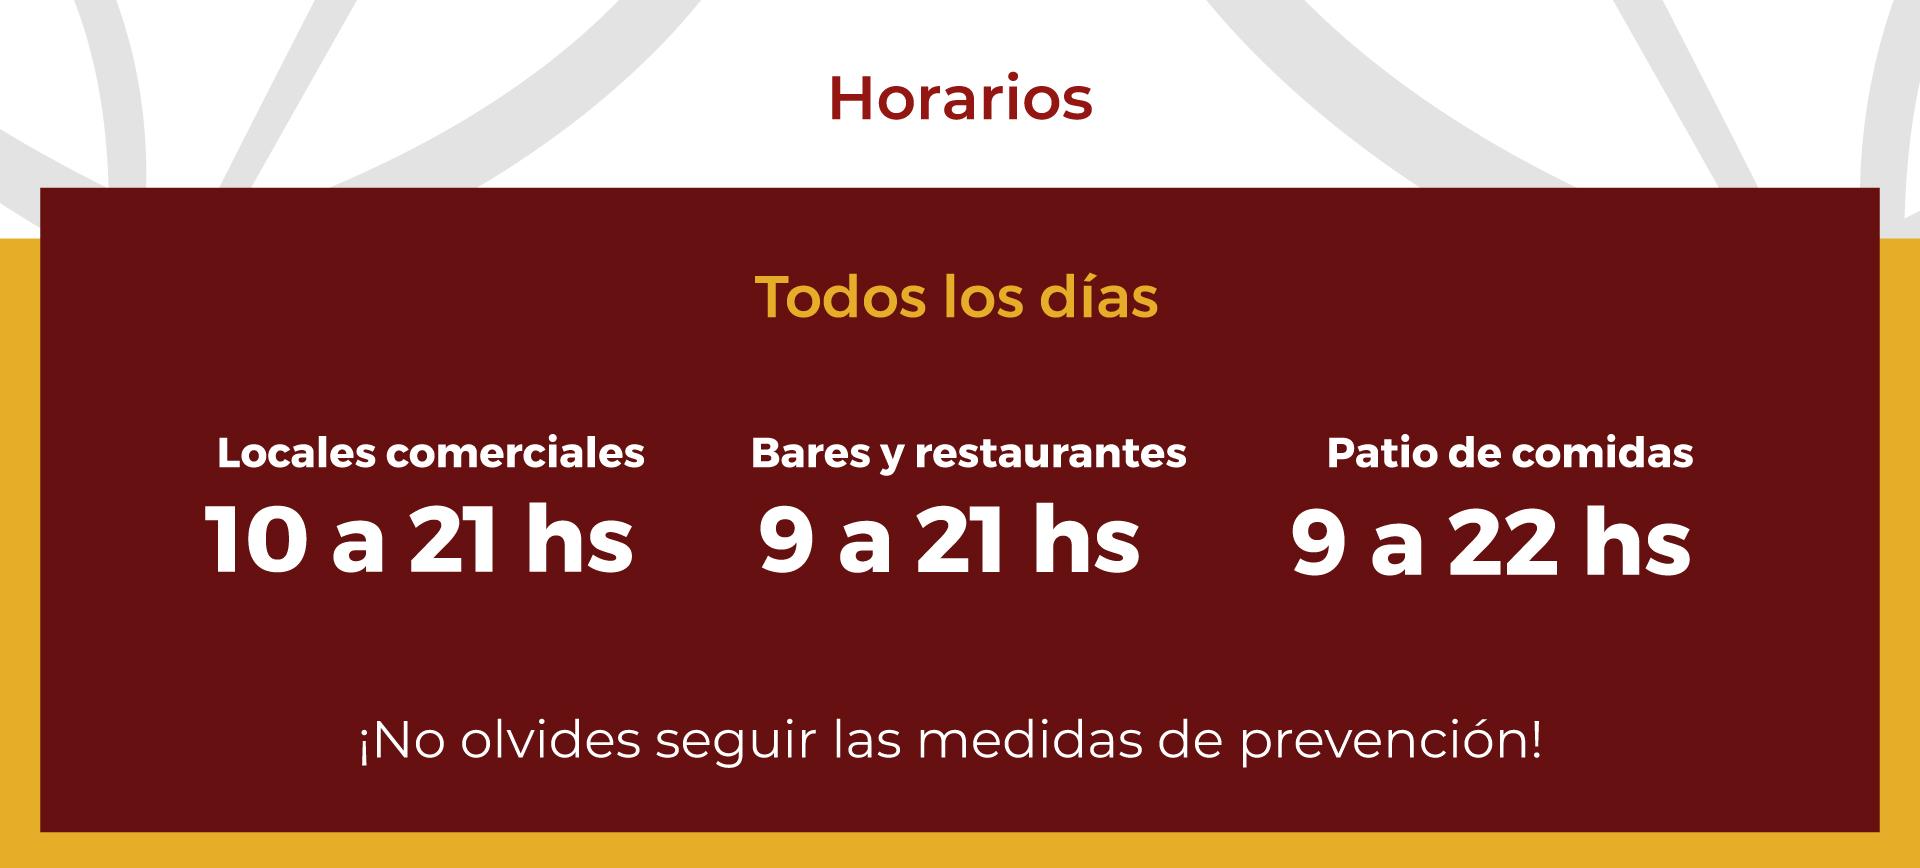 HORARIOS 1 DE MAYO_lugones slider